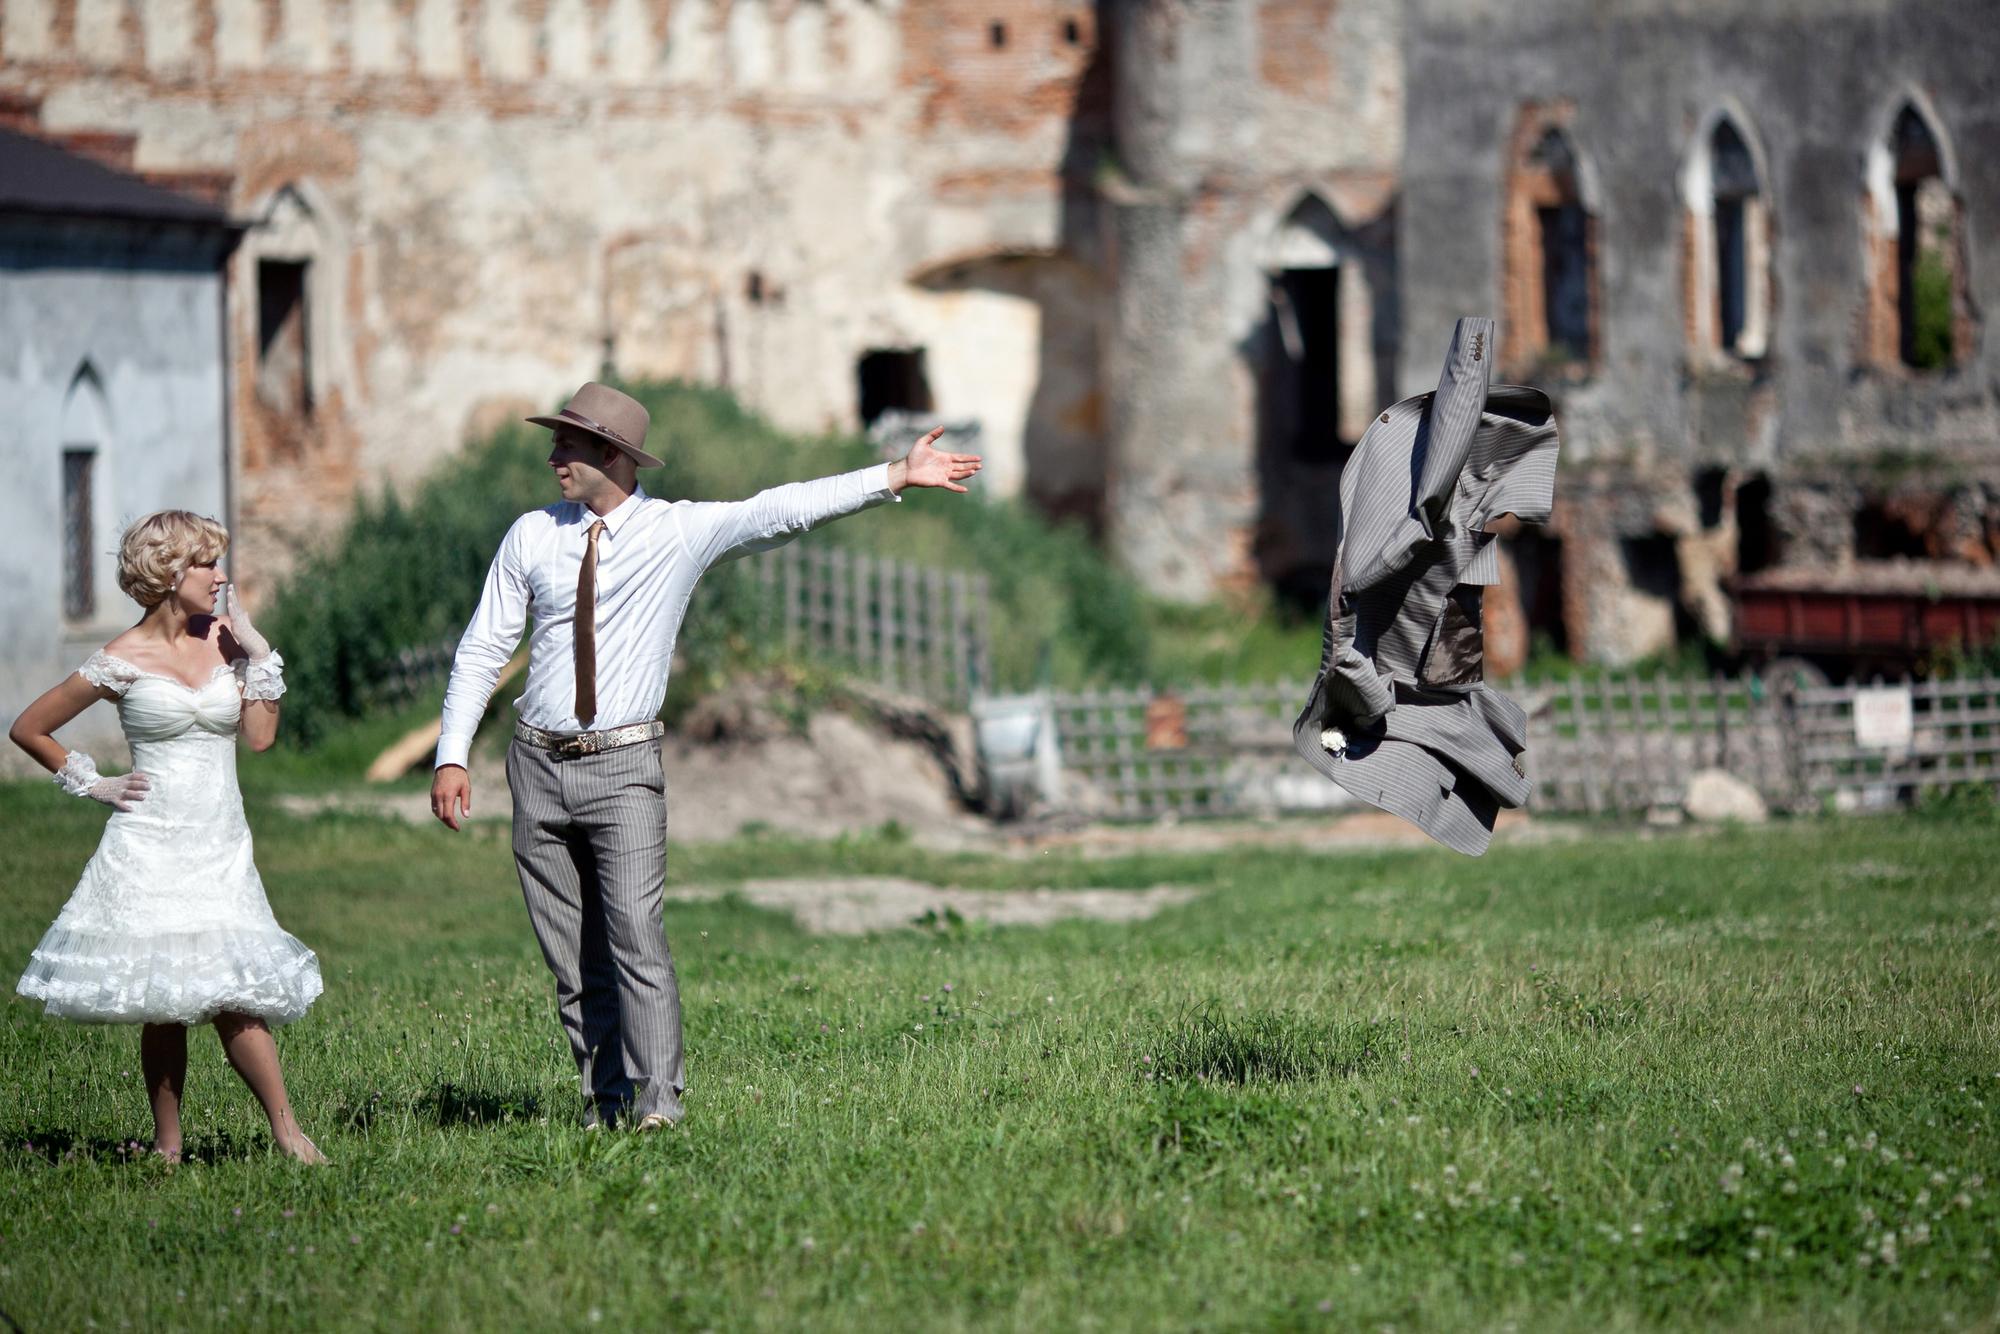 Свадьба в стиле Итальянской Мафии 2012 г. : 4 сообщений : Отчёты